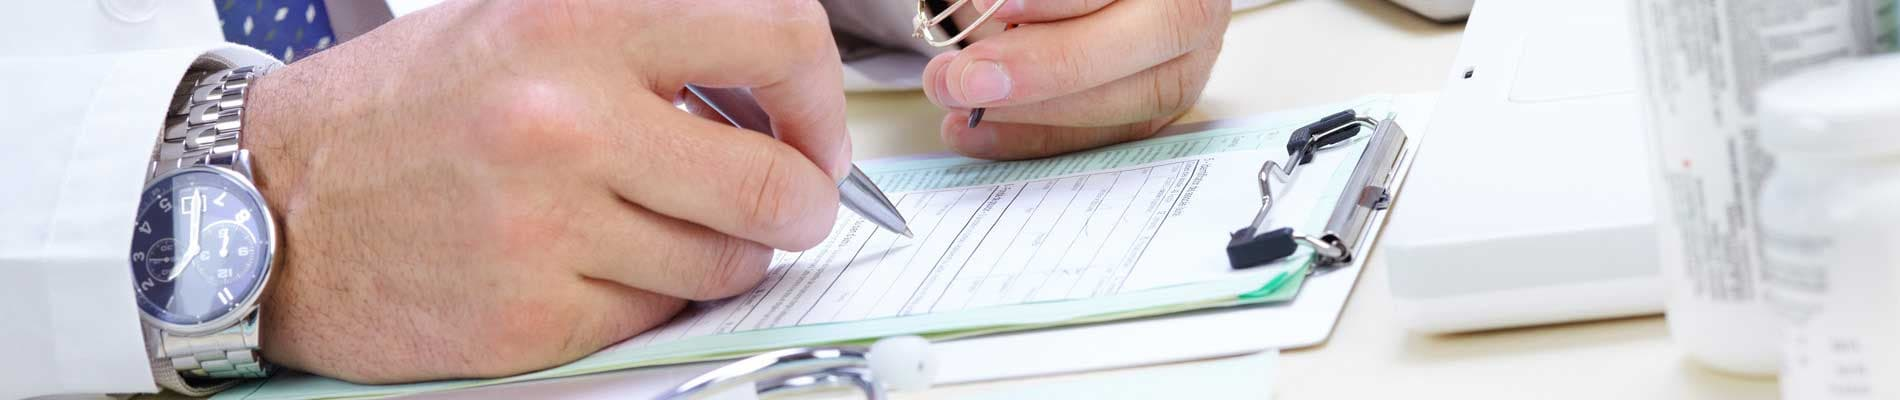 Sistemas de saúde e saúde